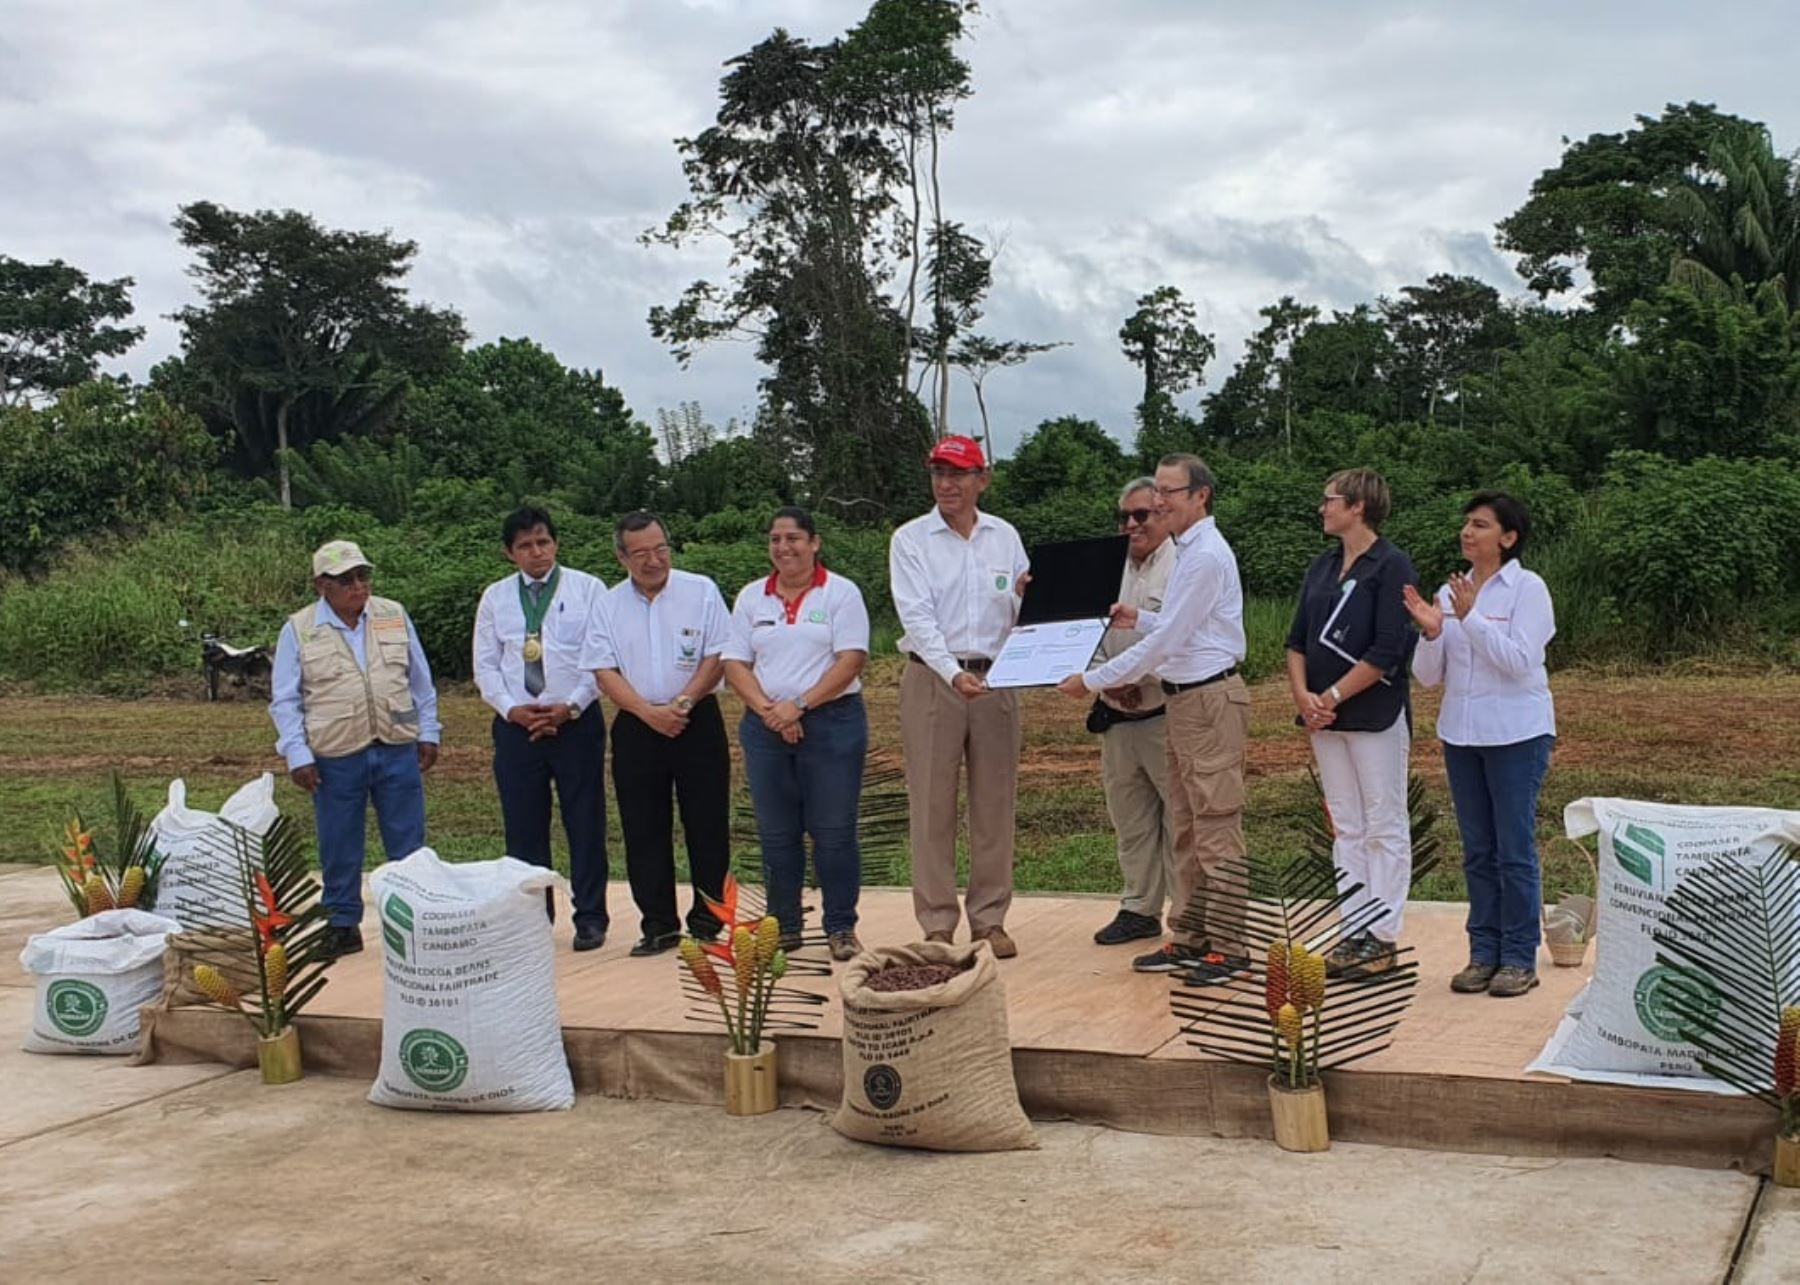 Presidente Martín Vizcarra en visita de trabajo en la región Madre de Dios. Foto: Twitter @MinamPeru